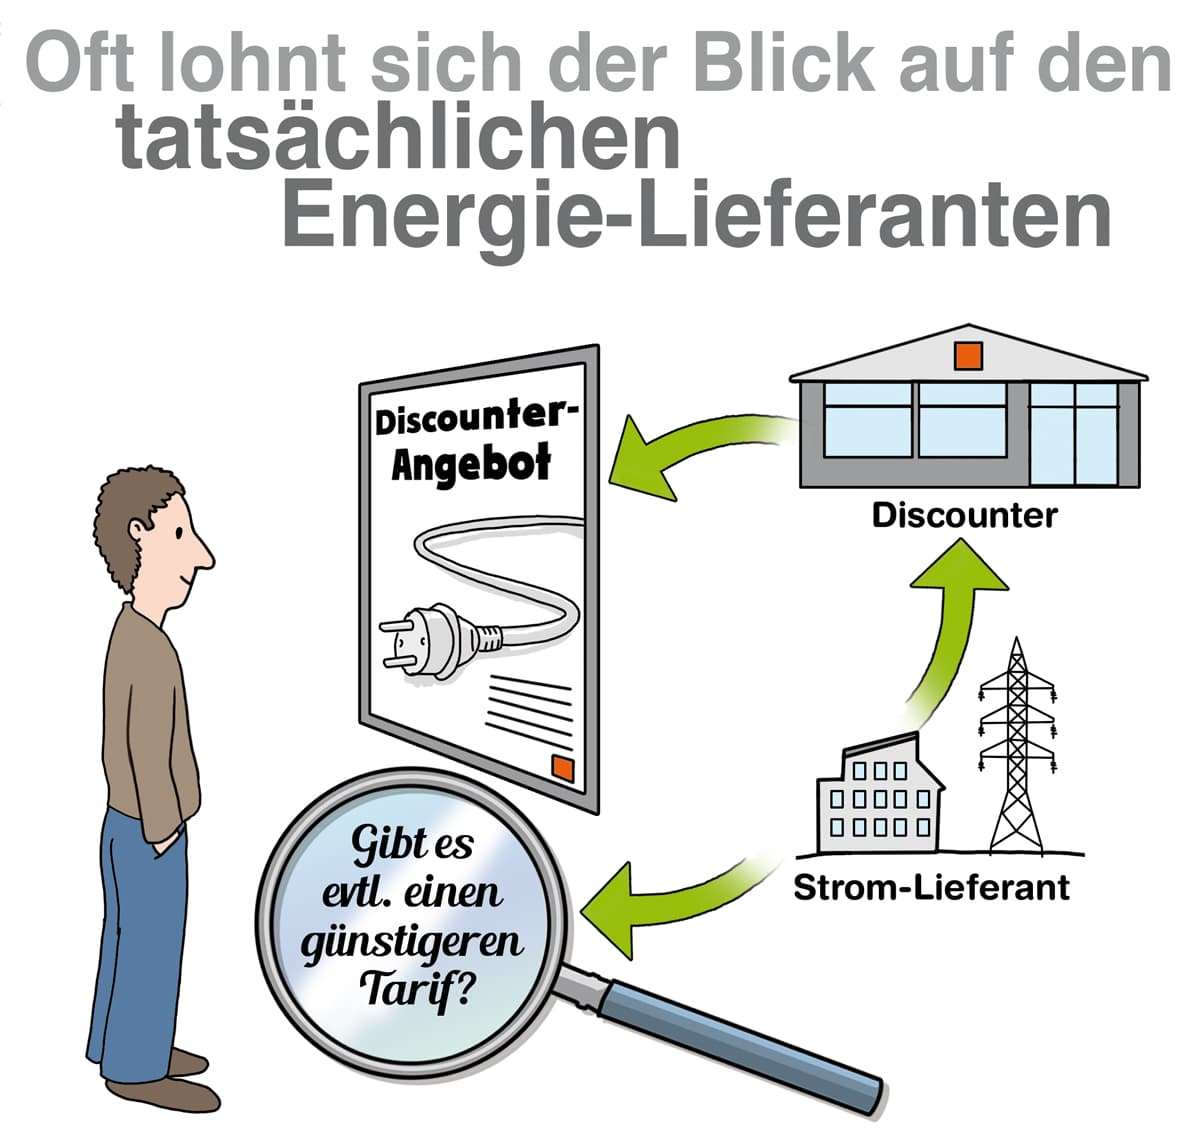 Oft lohnt sich ein Blick auf den tatsächlichen Energie-Lieferanten